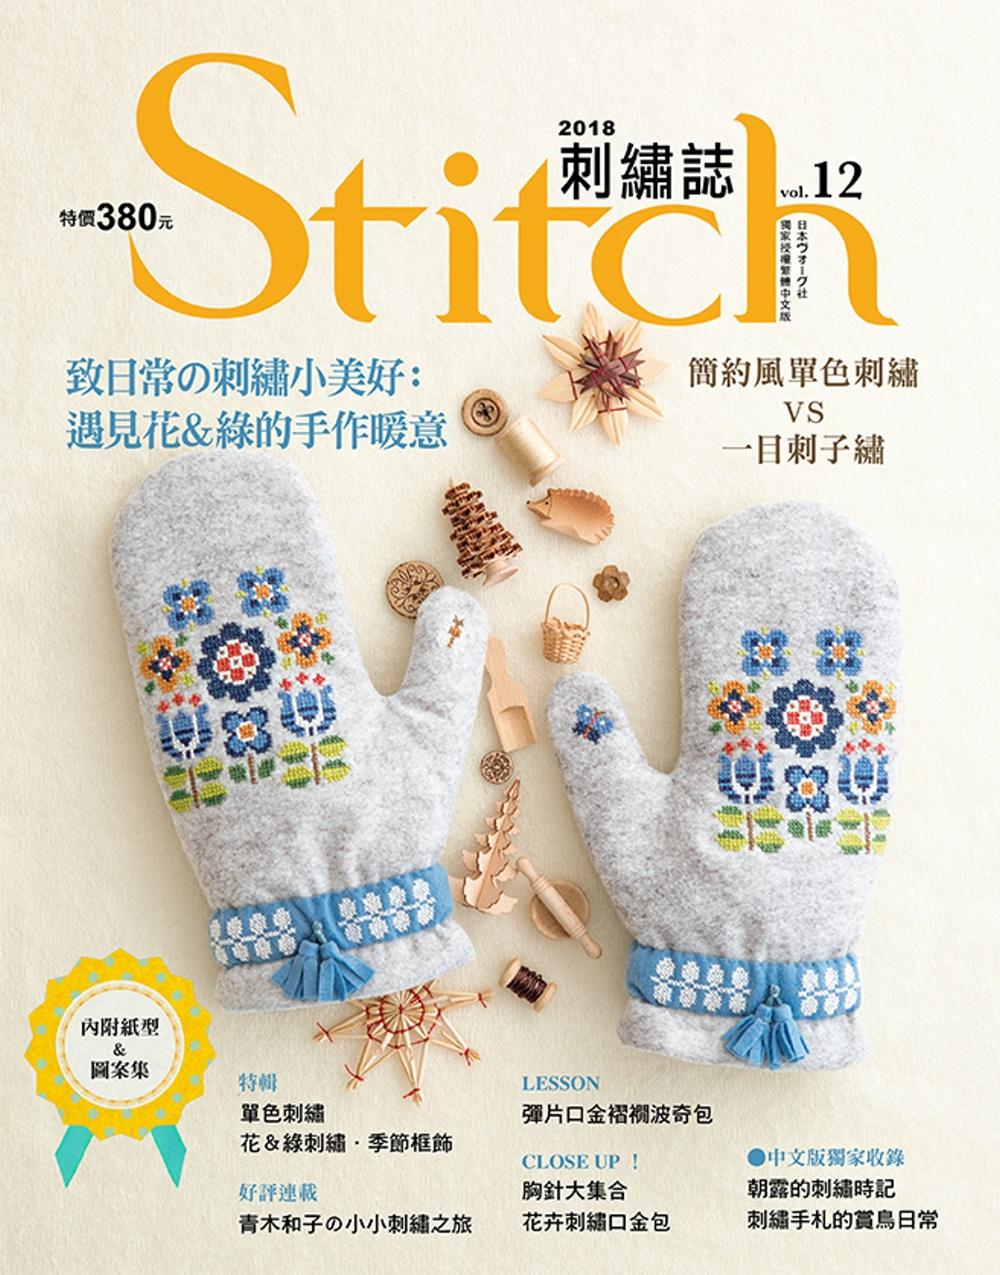 《Stitch刺繡誌12:致日常的刺繡小美好:遇見花&綠的手作暖意 簡約風單色刺繡VS一目刺子繡》 商品條碼,ISBN:9789863024071